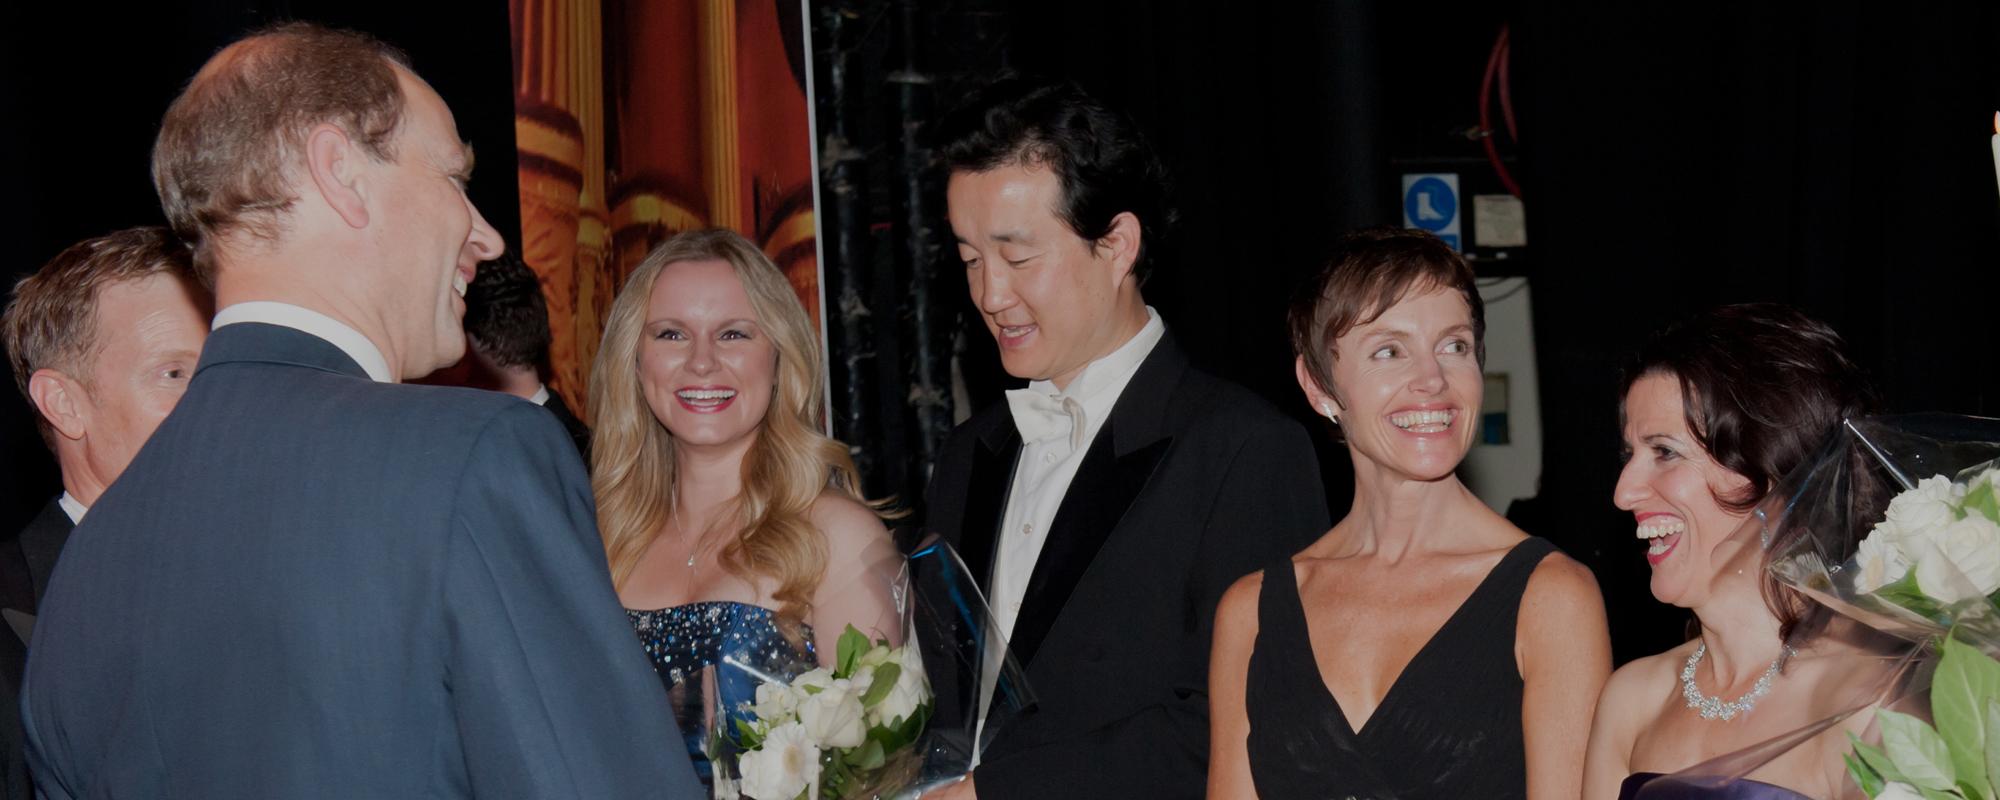 London Festival Opera singers